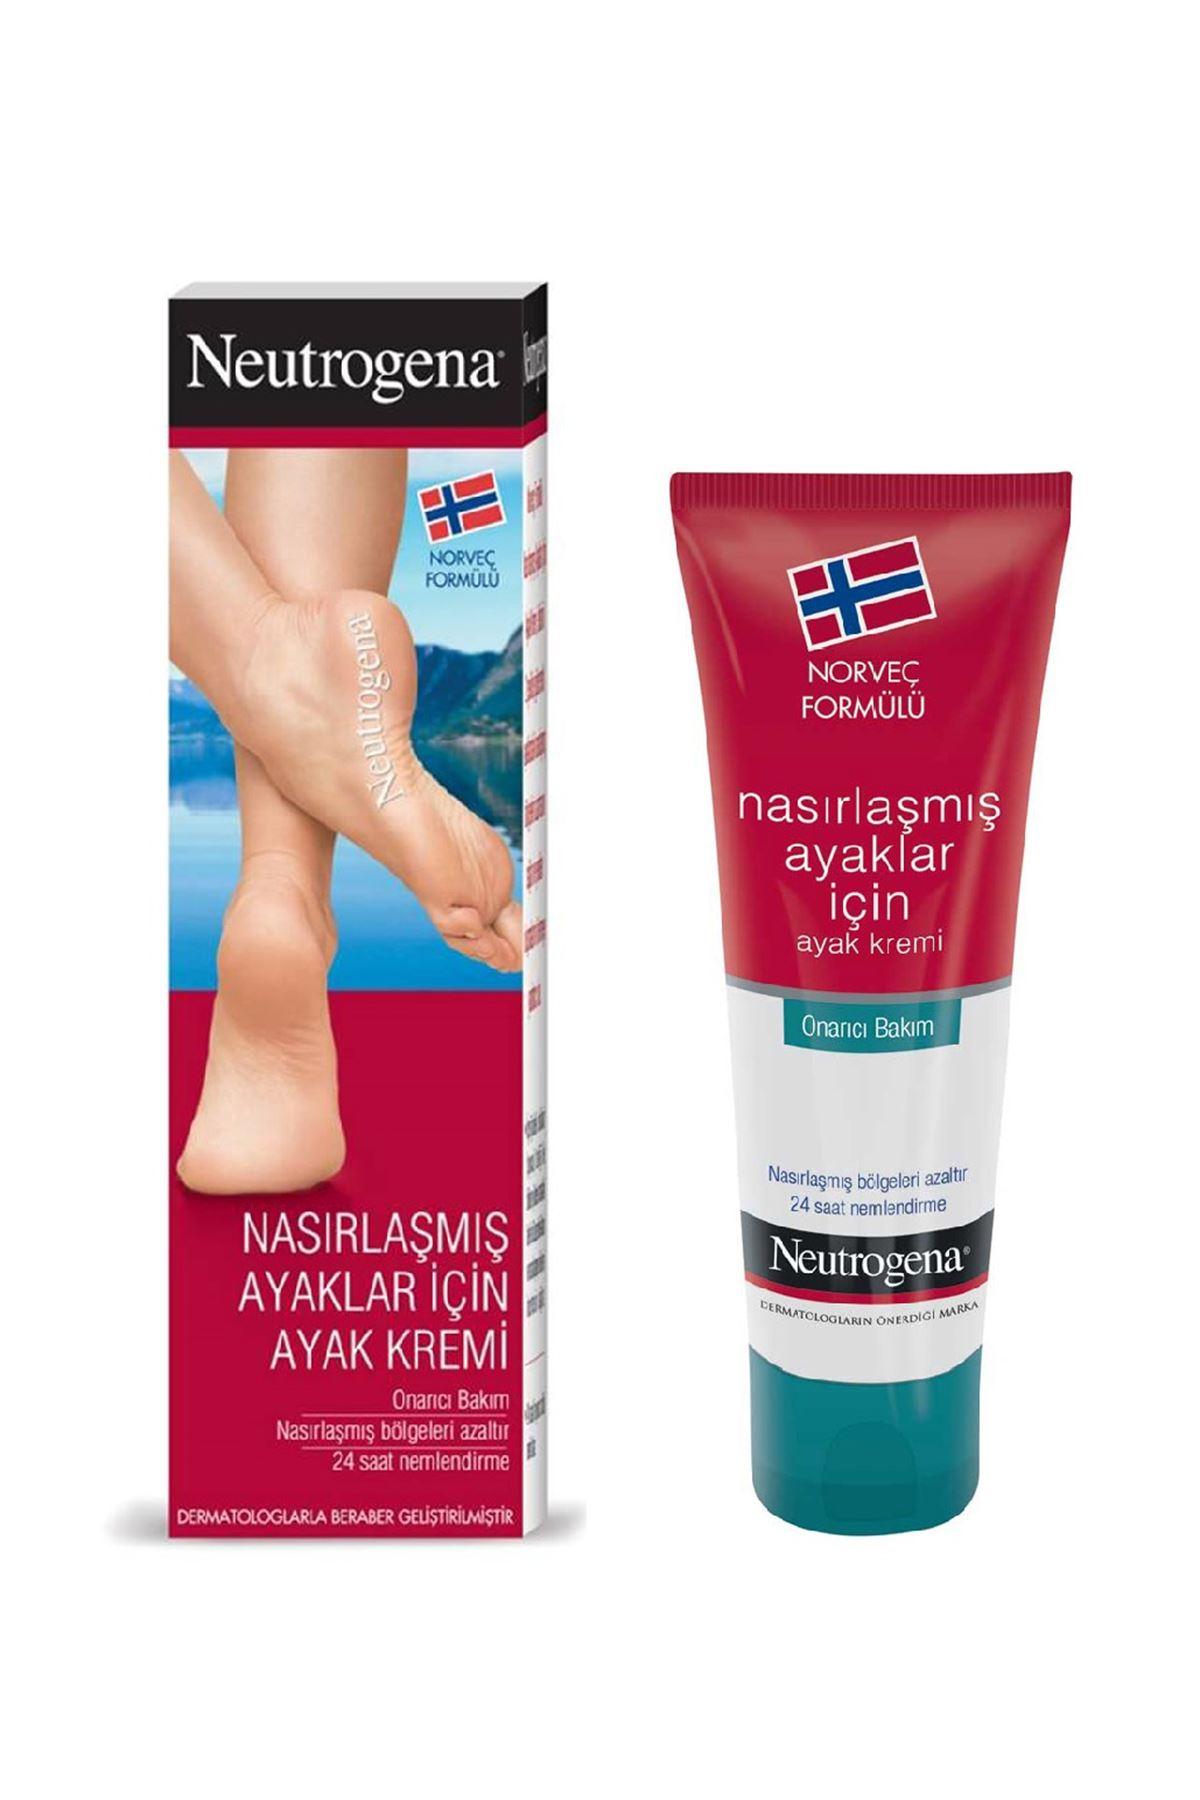 Neutrogena Nasırlaşmış Ayaklar için Ayak Kremi 50 Ml